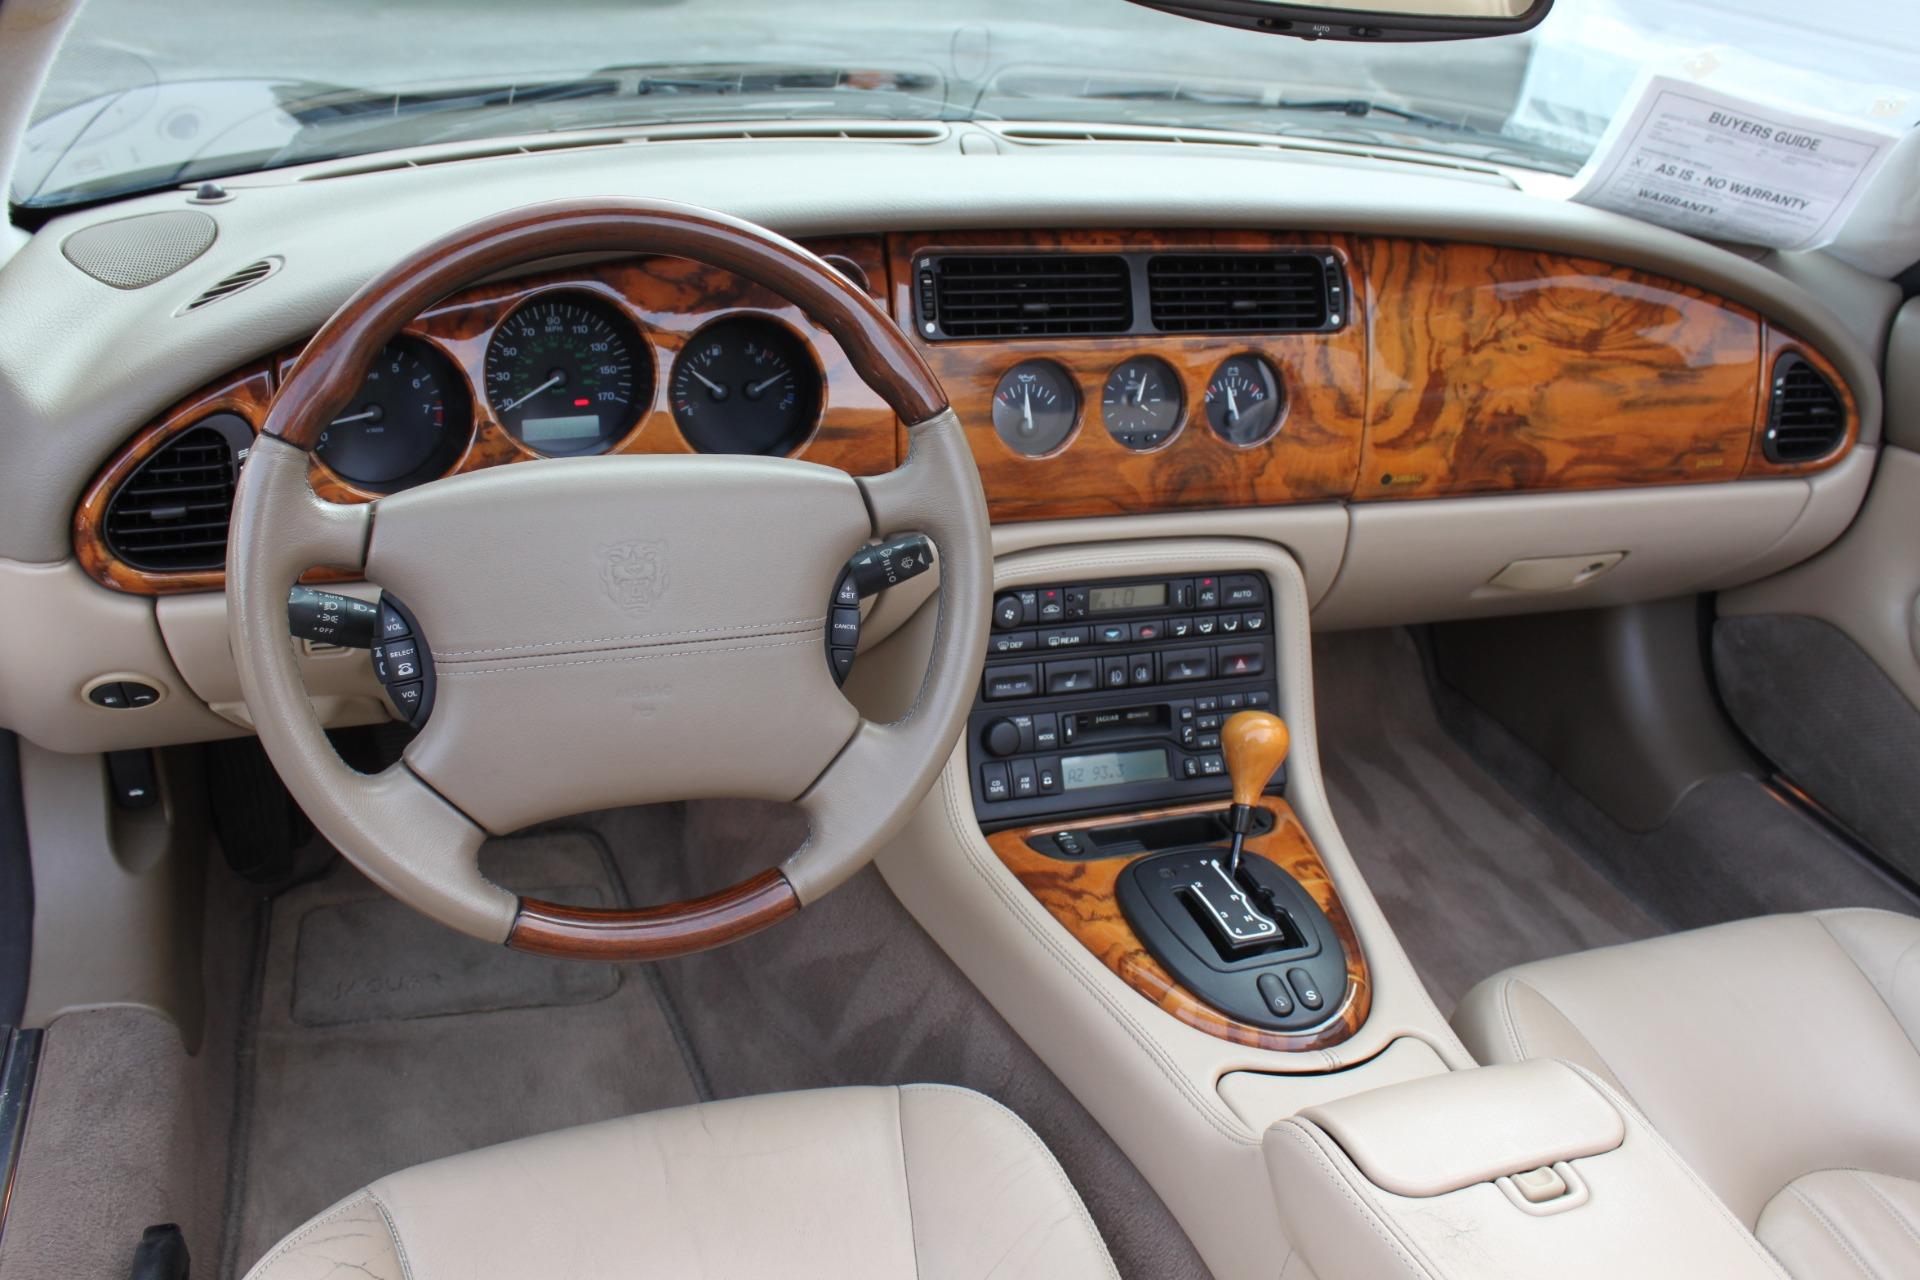 Used-2002-Jaguar-XK8-Convertible-XK8-BMW